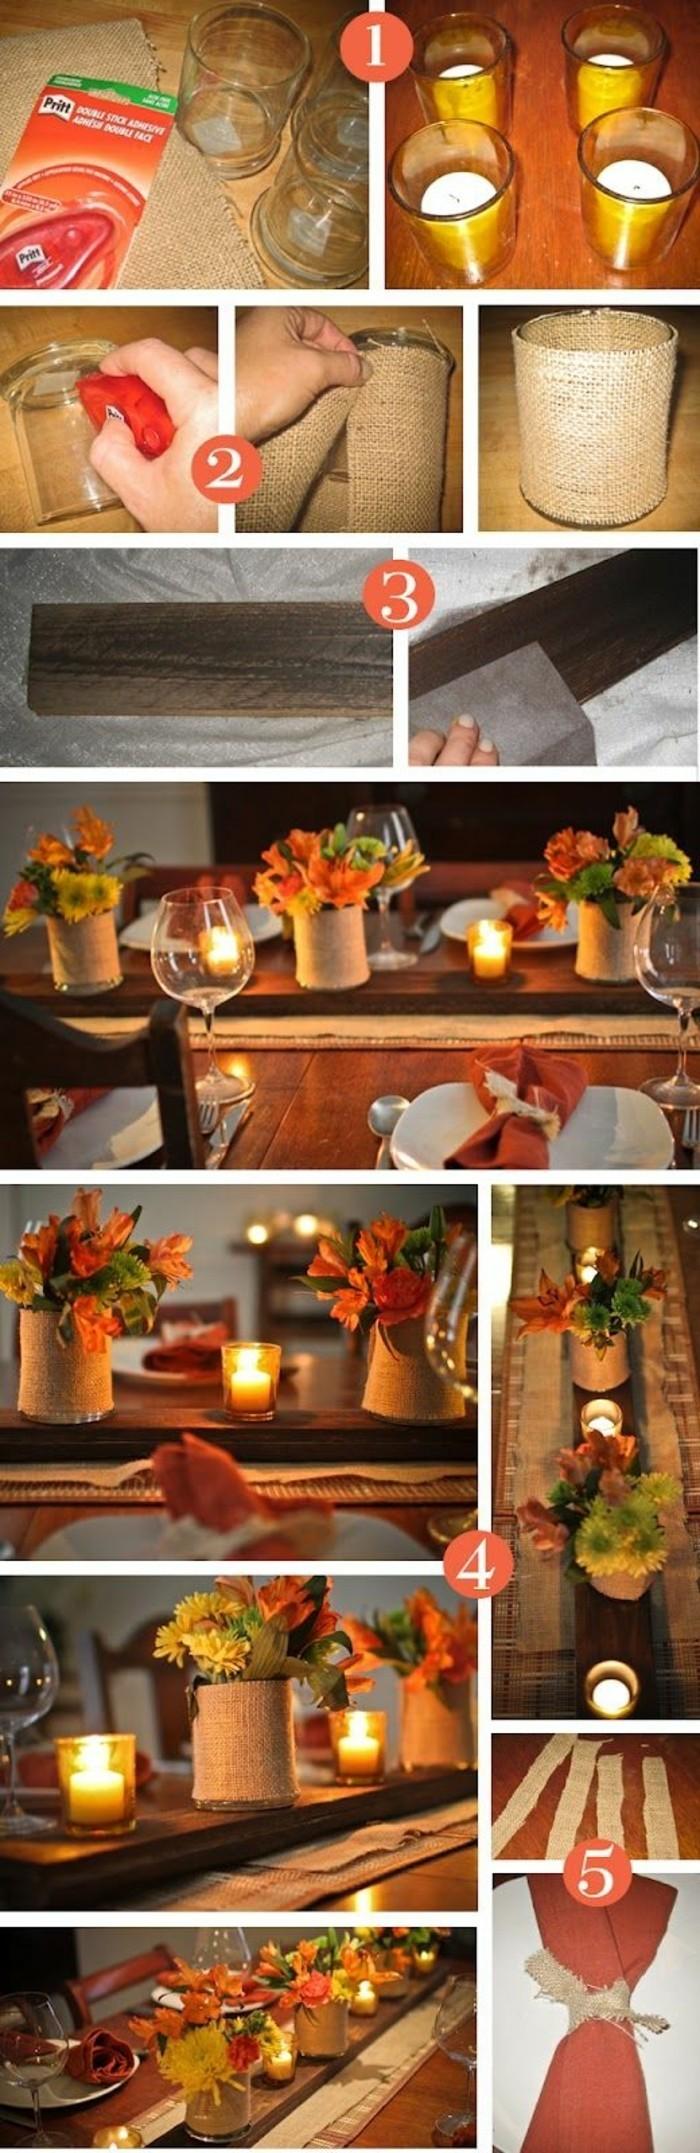 0-idee-deco-automne-a-faire-a-la-maison-table-en-bois-fonce-compositiona-florale-automne-dans-le-centre-de-table